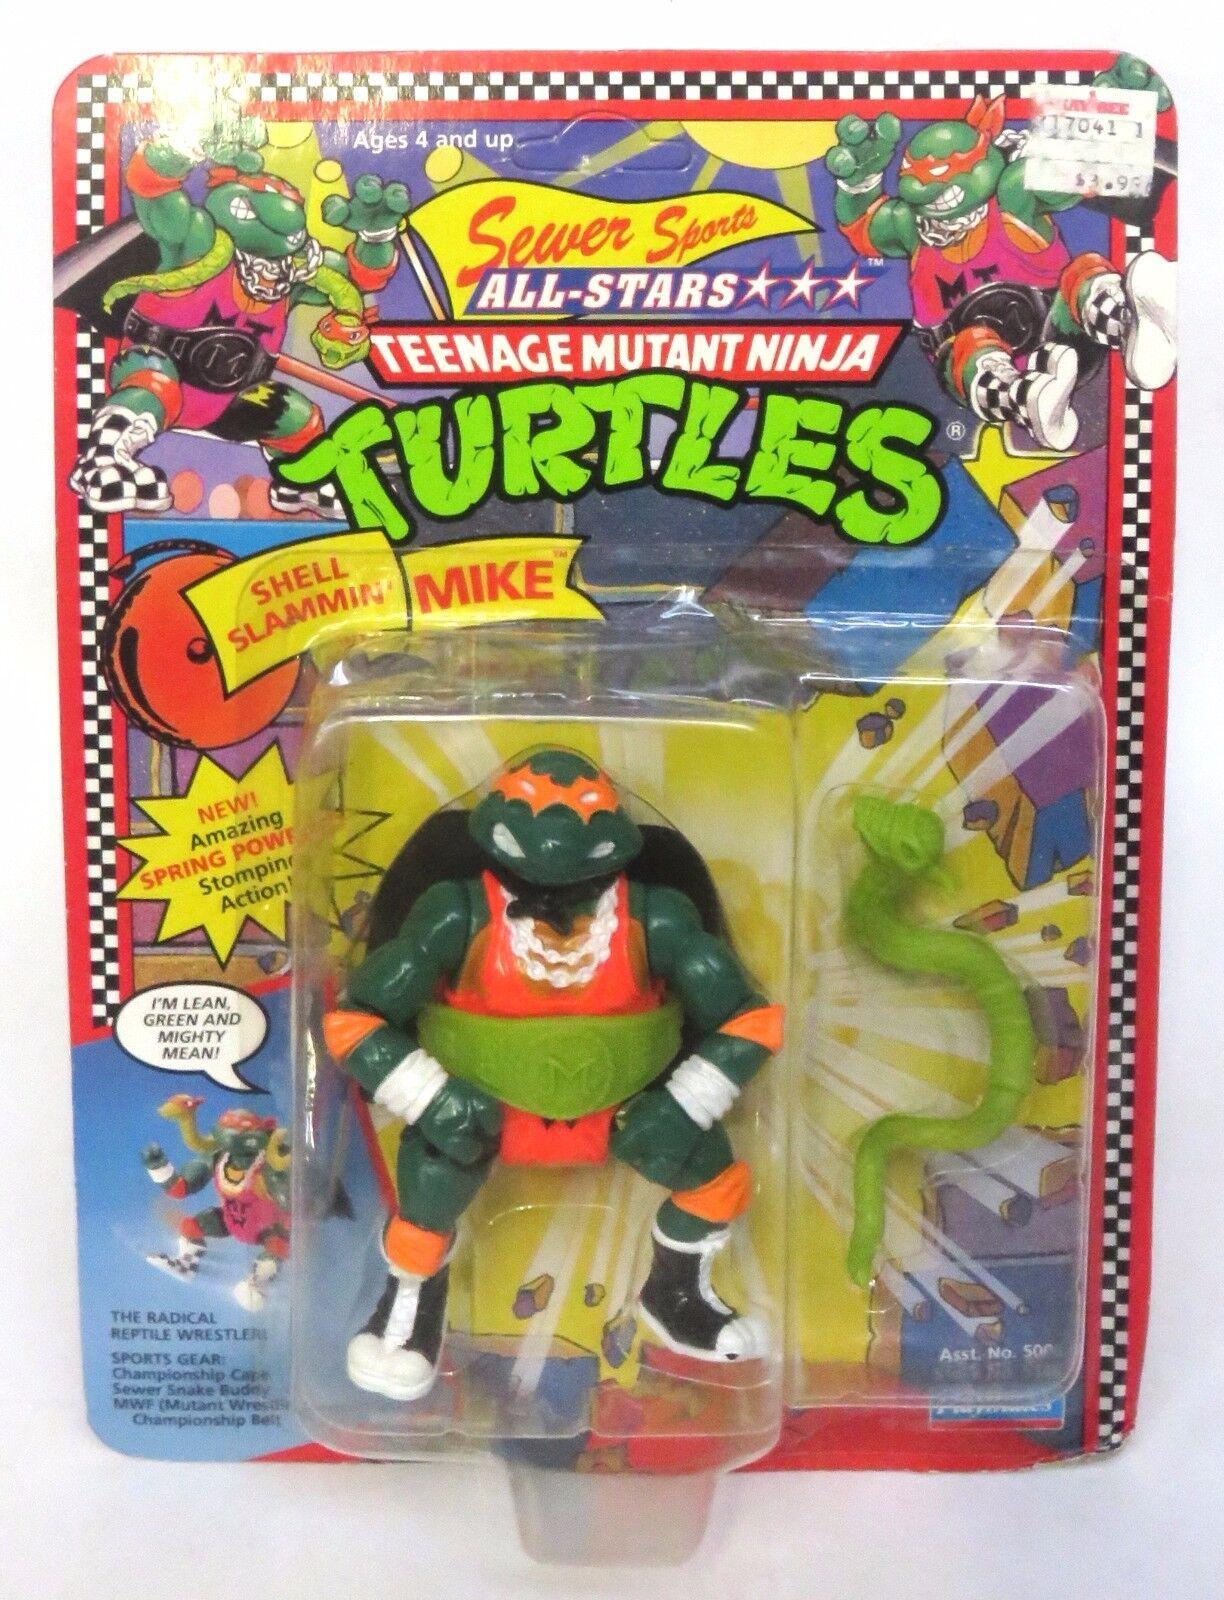 Teenage MUTANT NINJA TURTLES TMNT-Sewer SPORT ALL STARS-Shell librandomi  Mike